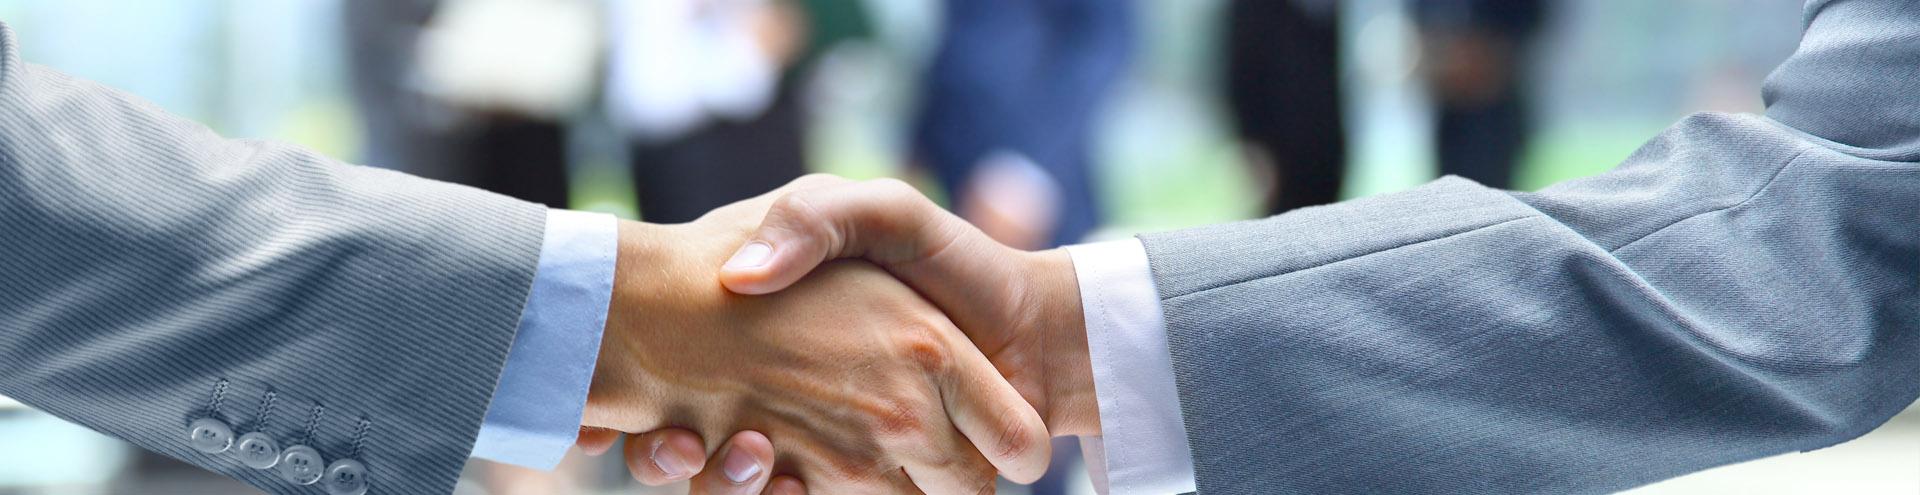 Защита деловой репутации в Краснодаре